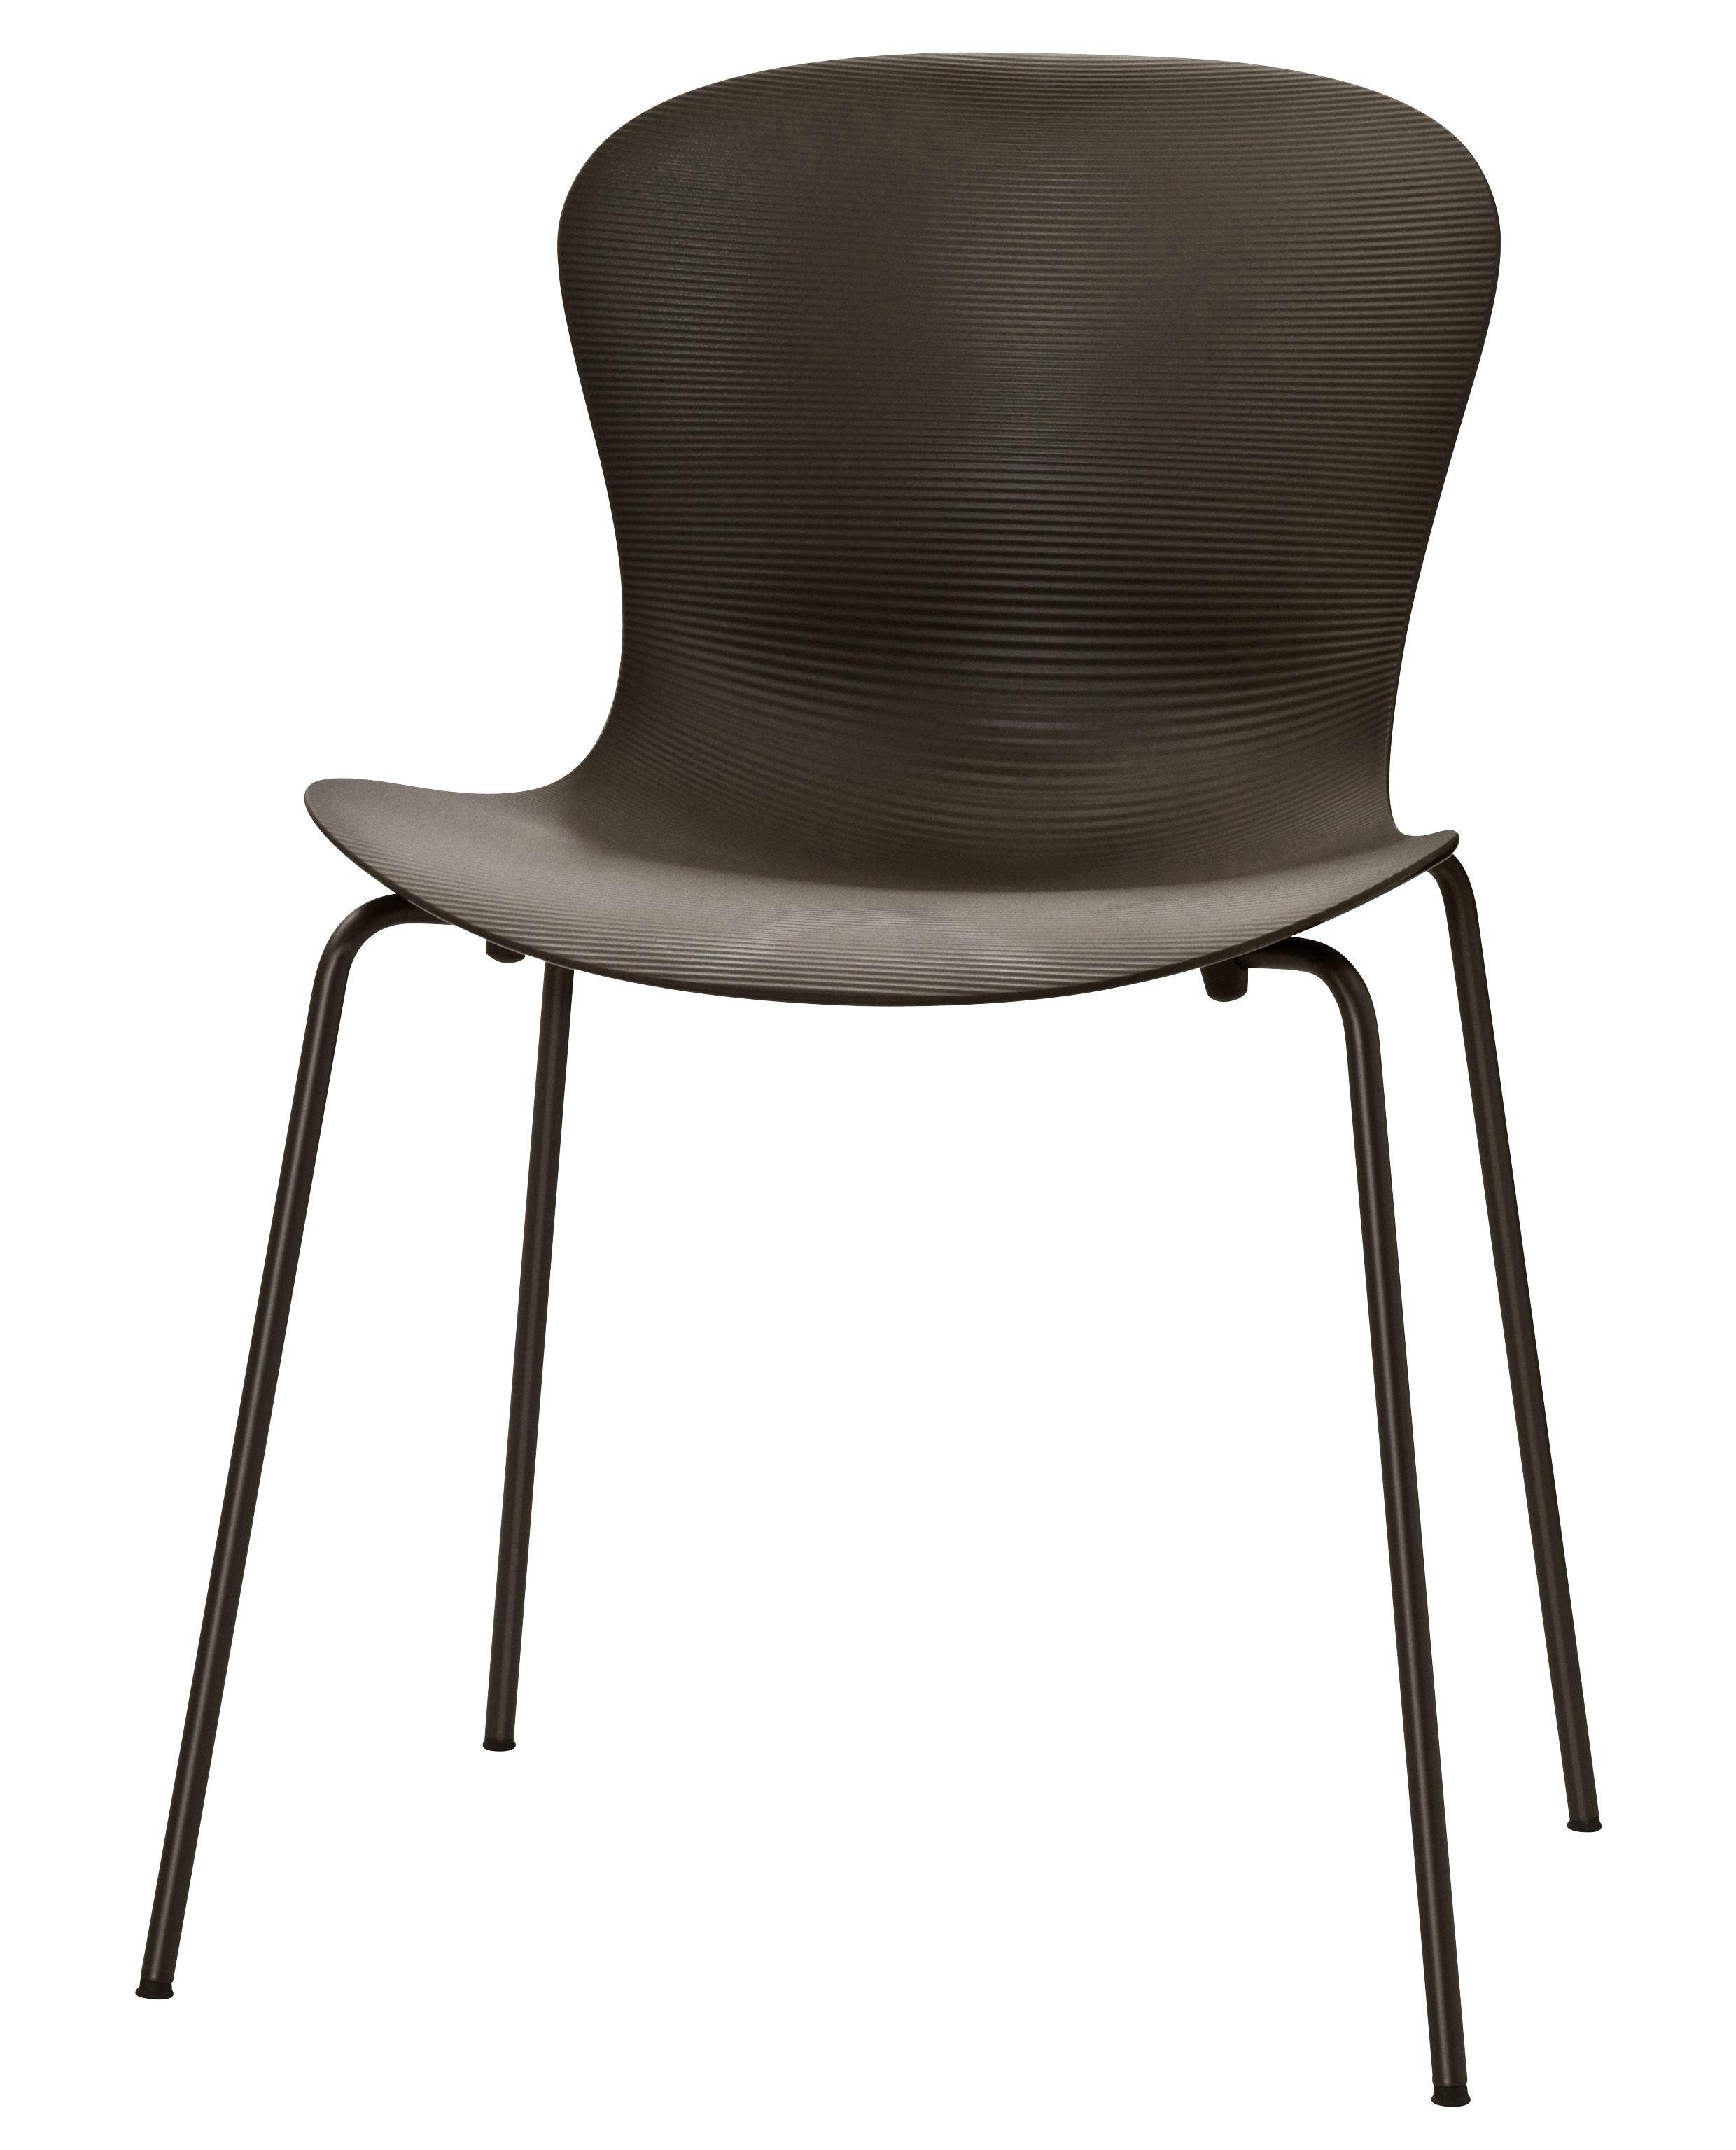 chaise empilable nap 4 pieds acier marron fritz hansen. Black Bedroom Furniture Sets. Home Design Ideas